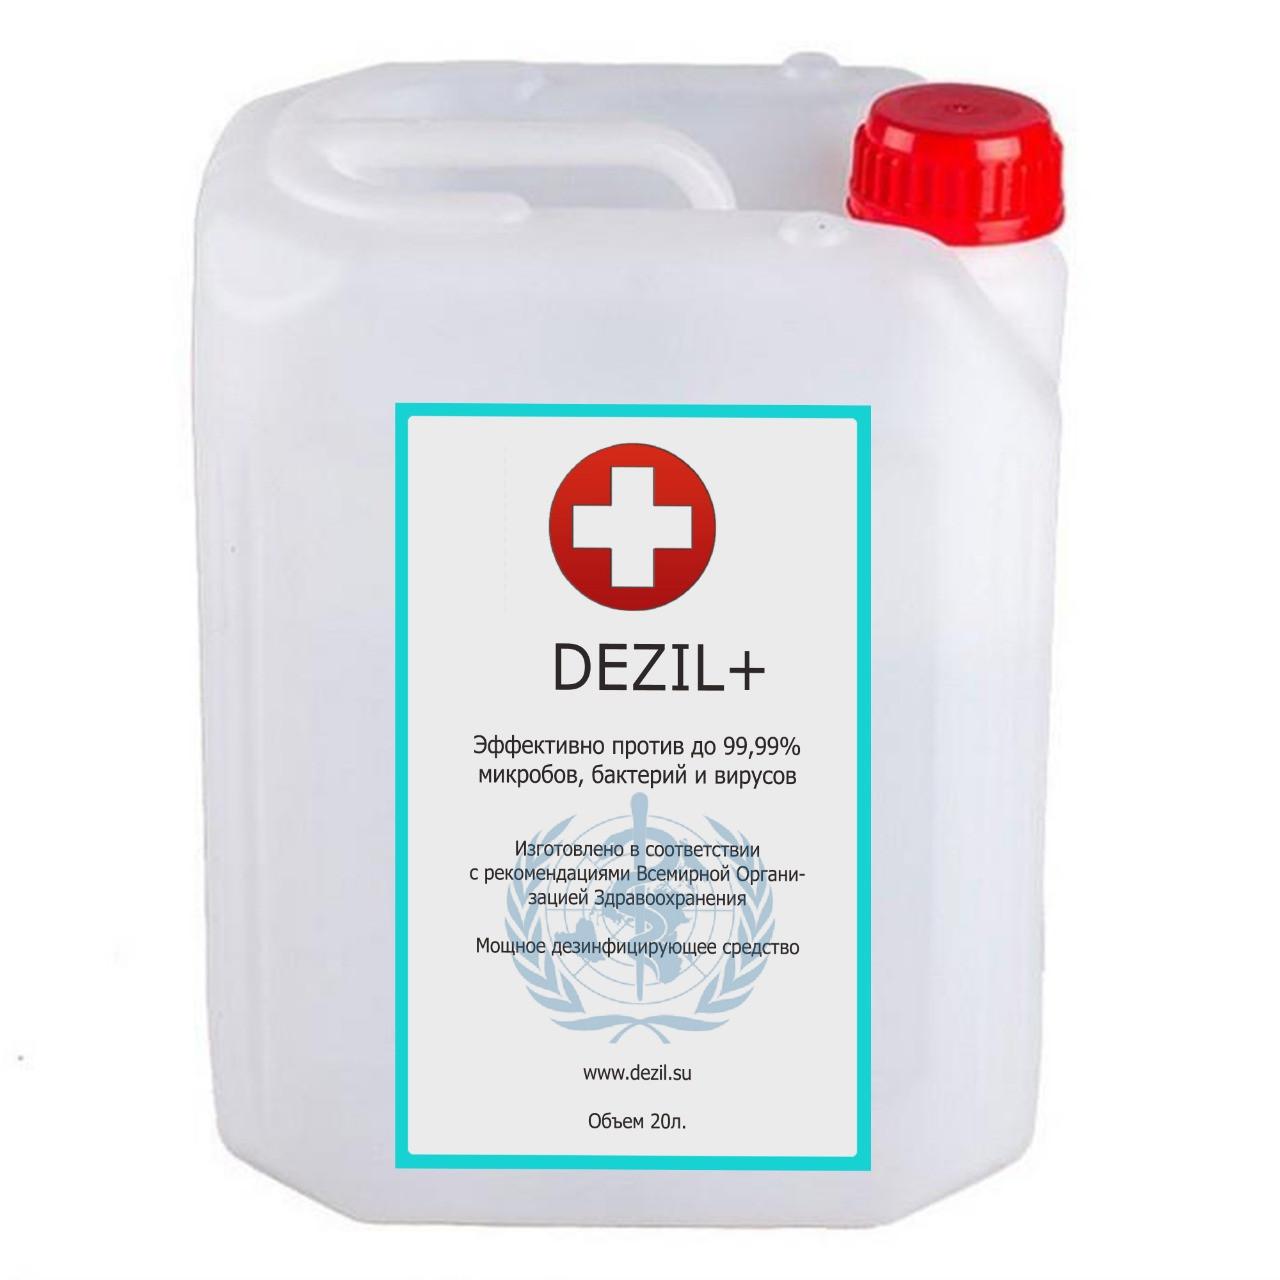 Средство дезинфицирующее Dezil+ 20 литров для антисептической обработки рук и поверхностей